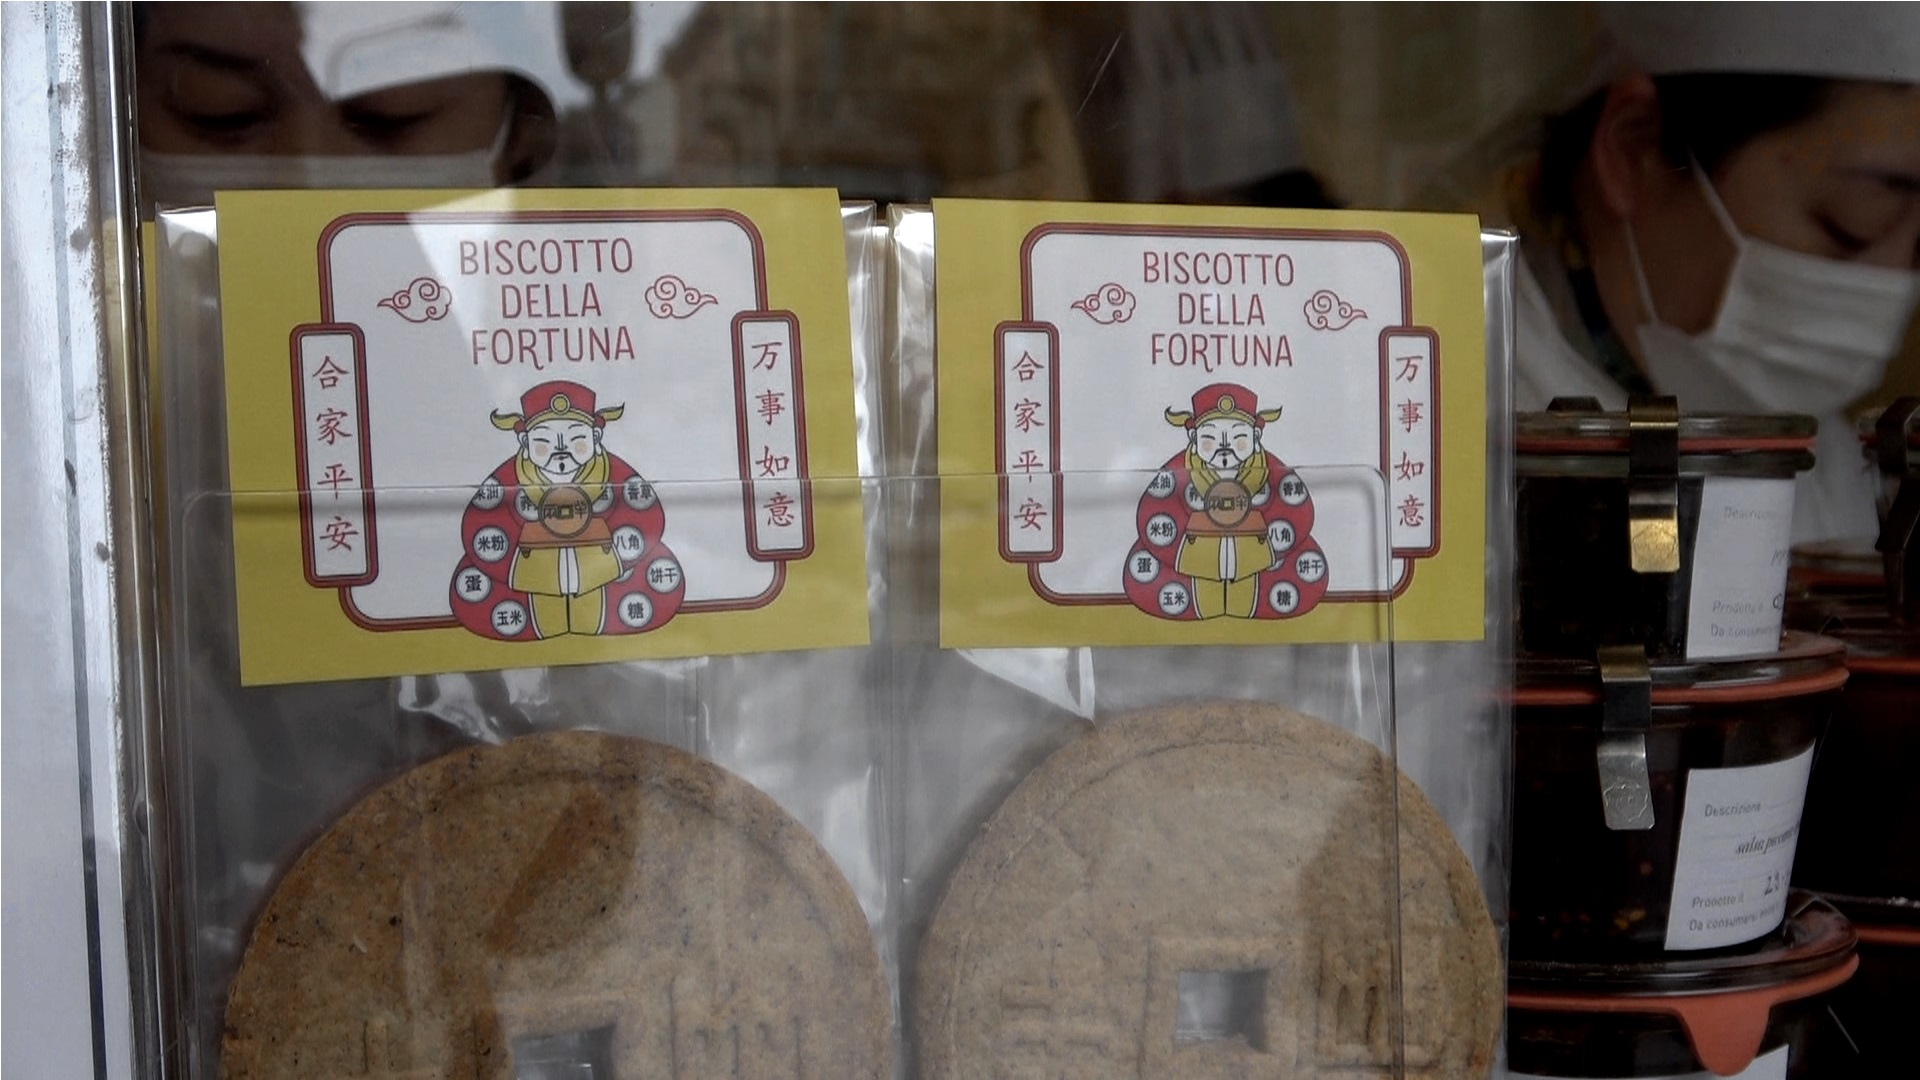 Biscotto della fortuna, Ravioleria di Sarpi